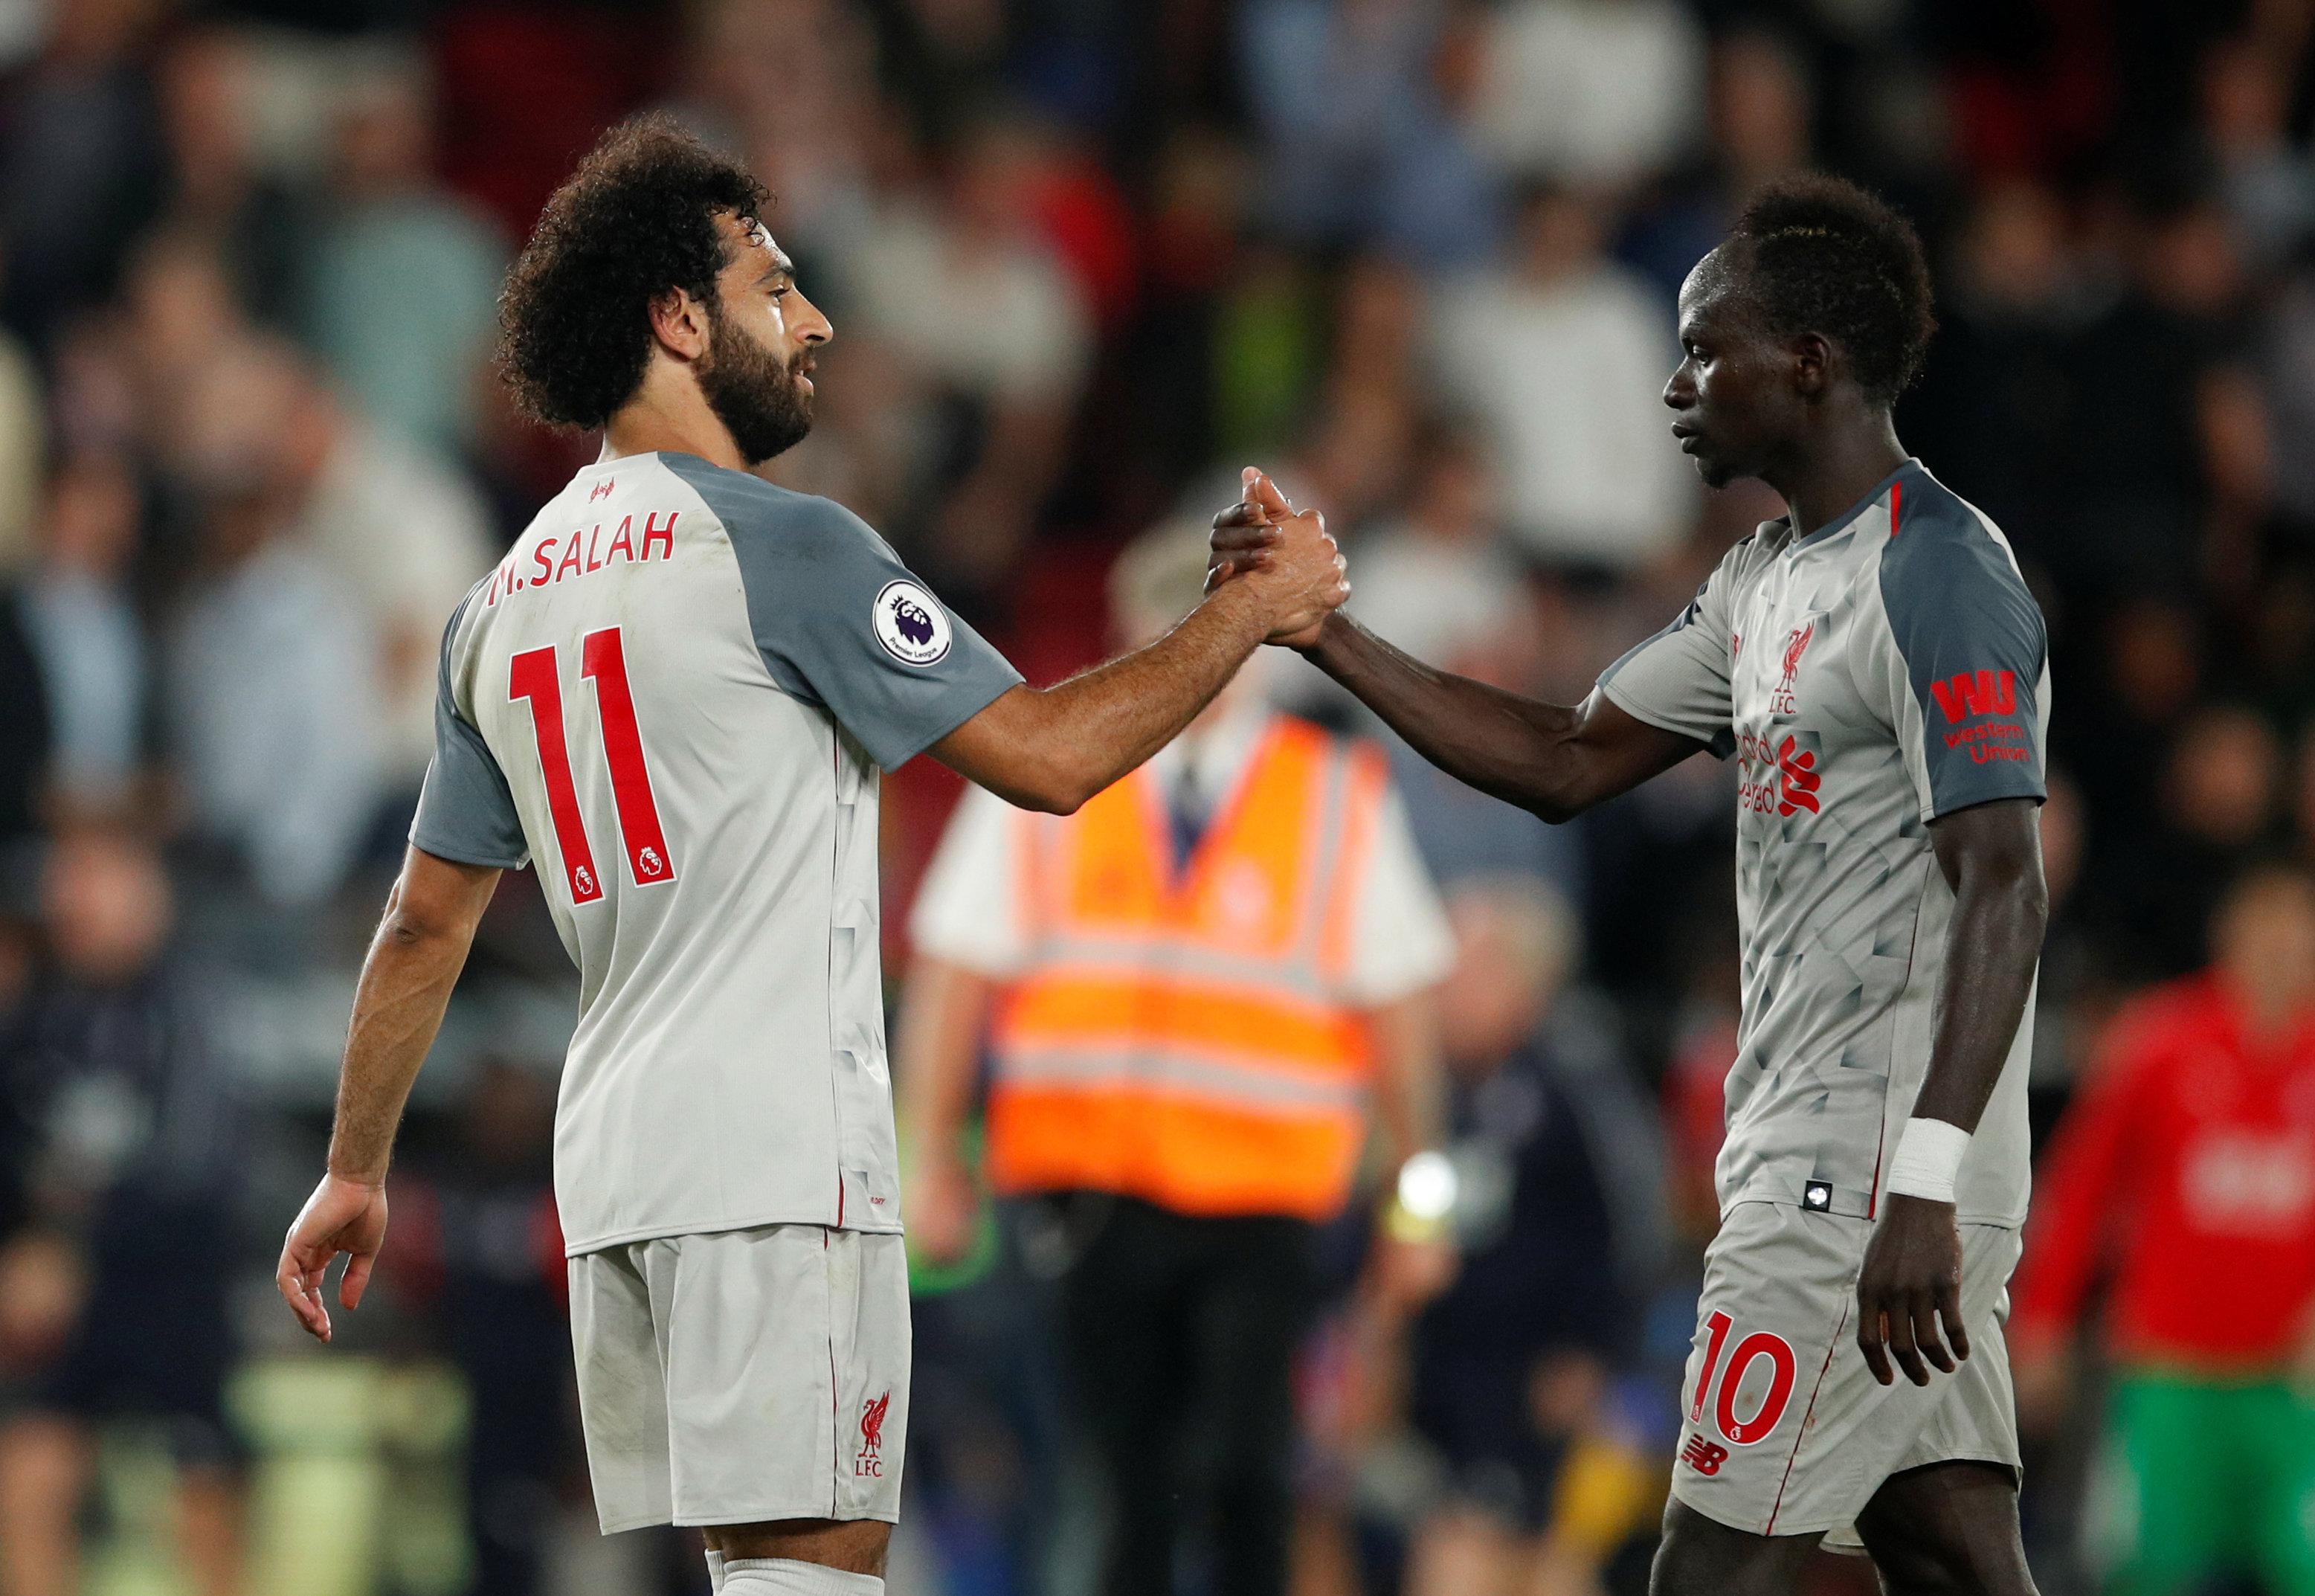 Liverpool: Premier League Debut Goals